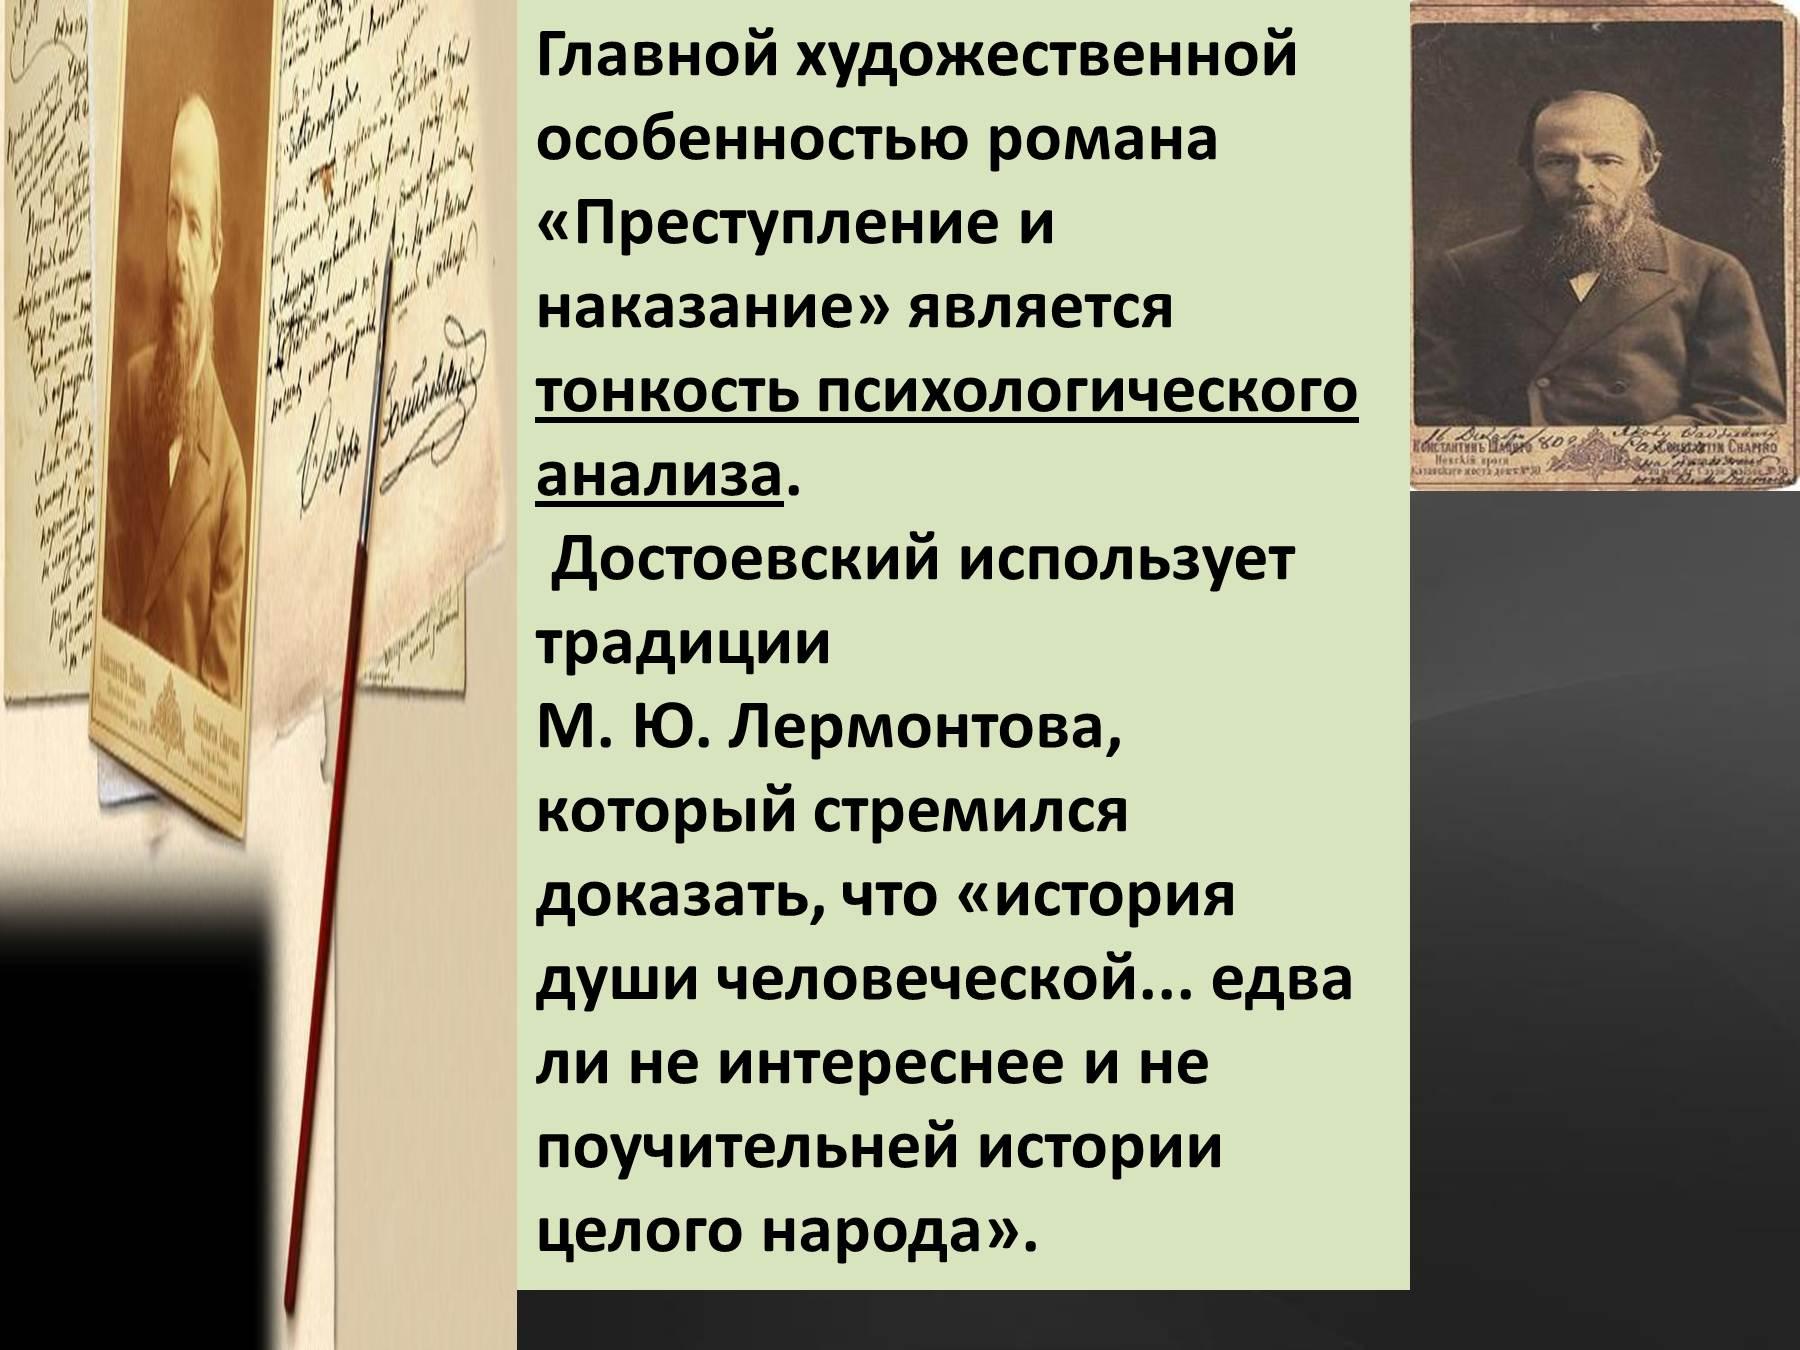 Цитаты про петербург в романе преступление и наказание